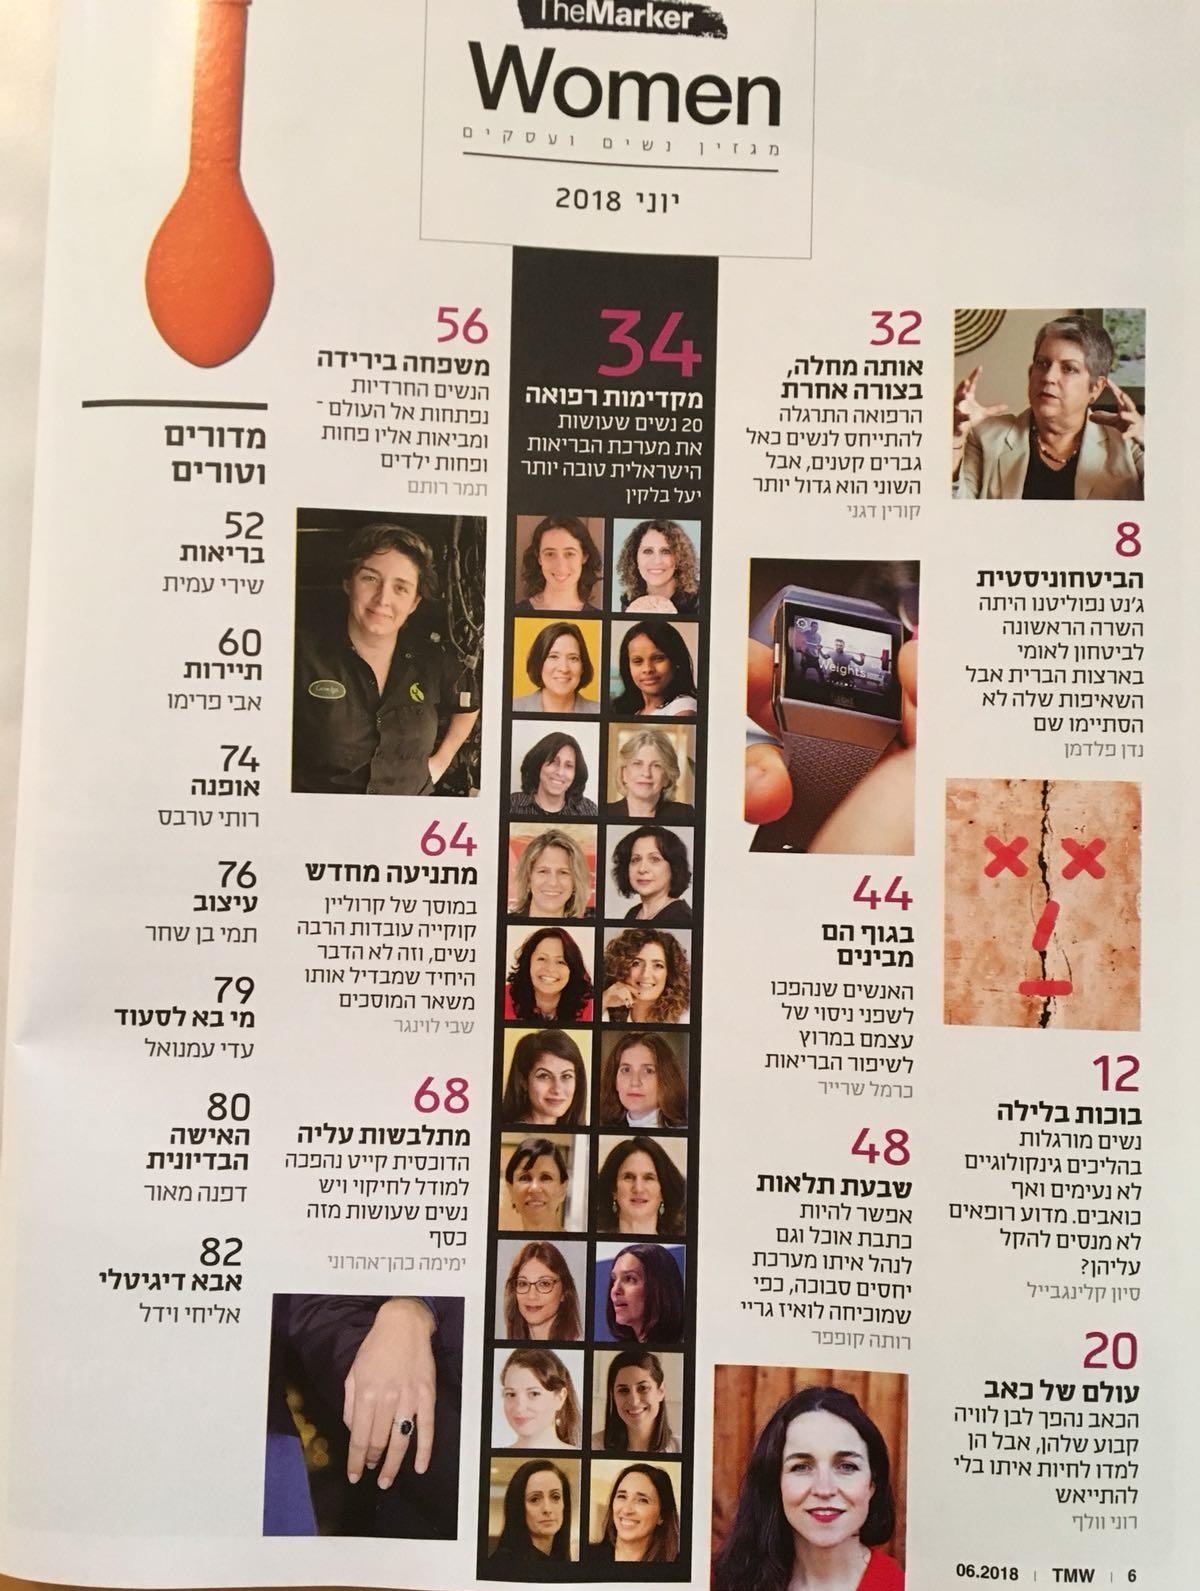 ב דה מרקר נשים 5.6.18 רשימת 20 הנשים המשפיעות בבריאות